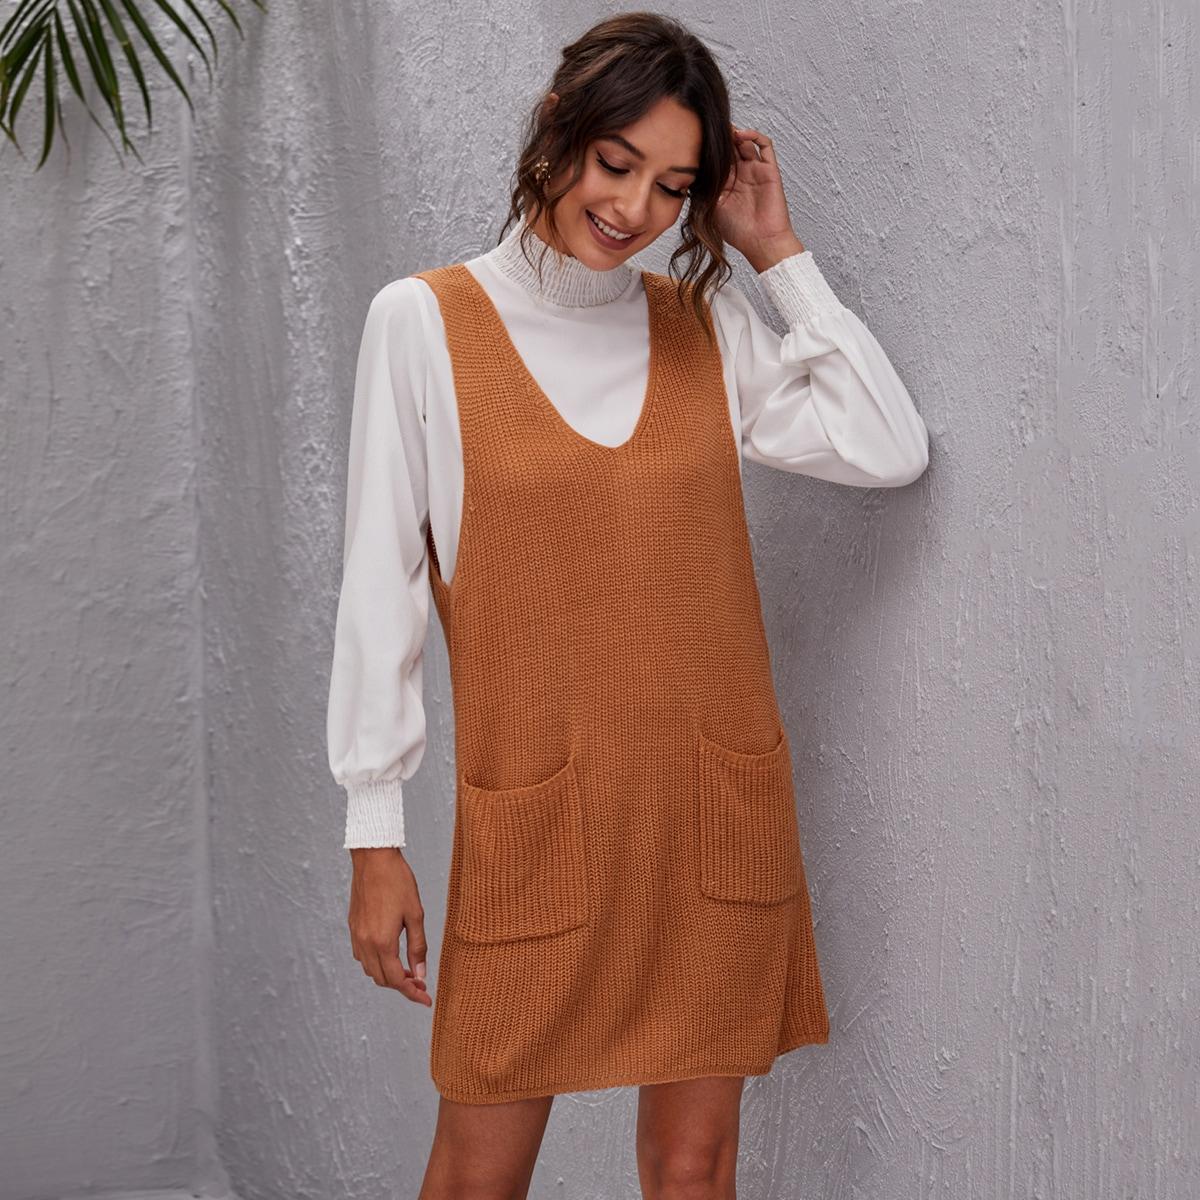 shein Casual Vlak Gebreide jurk Zak